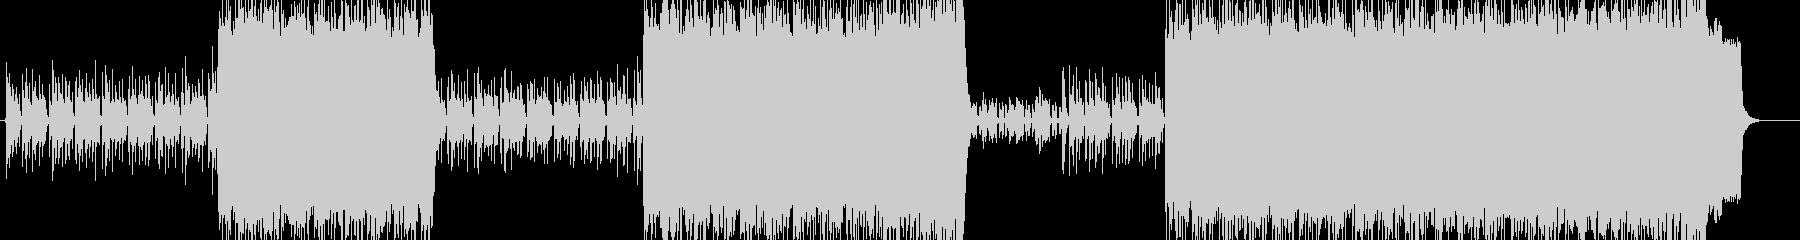 静→激→静→激 90s爆発オルタナロックの未再生の波形